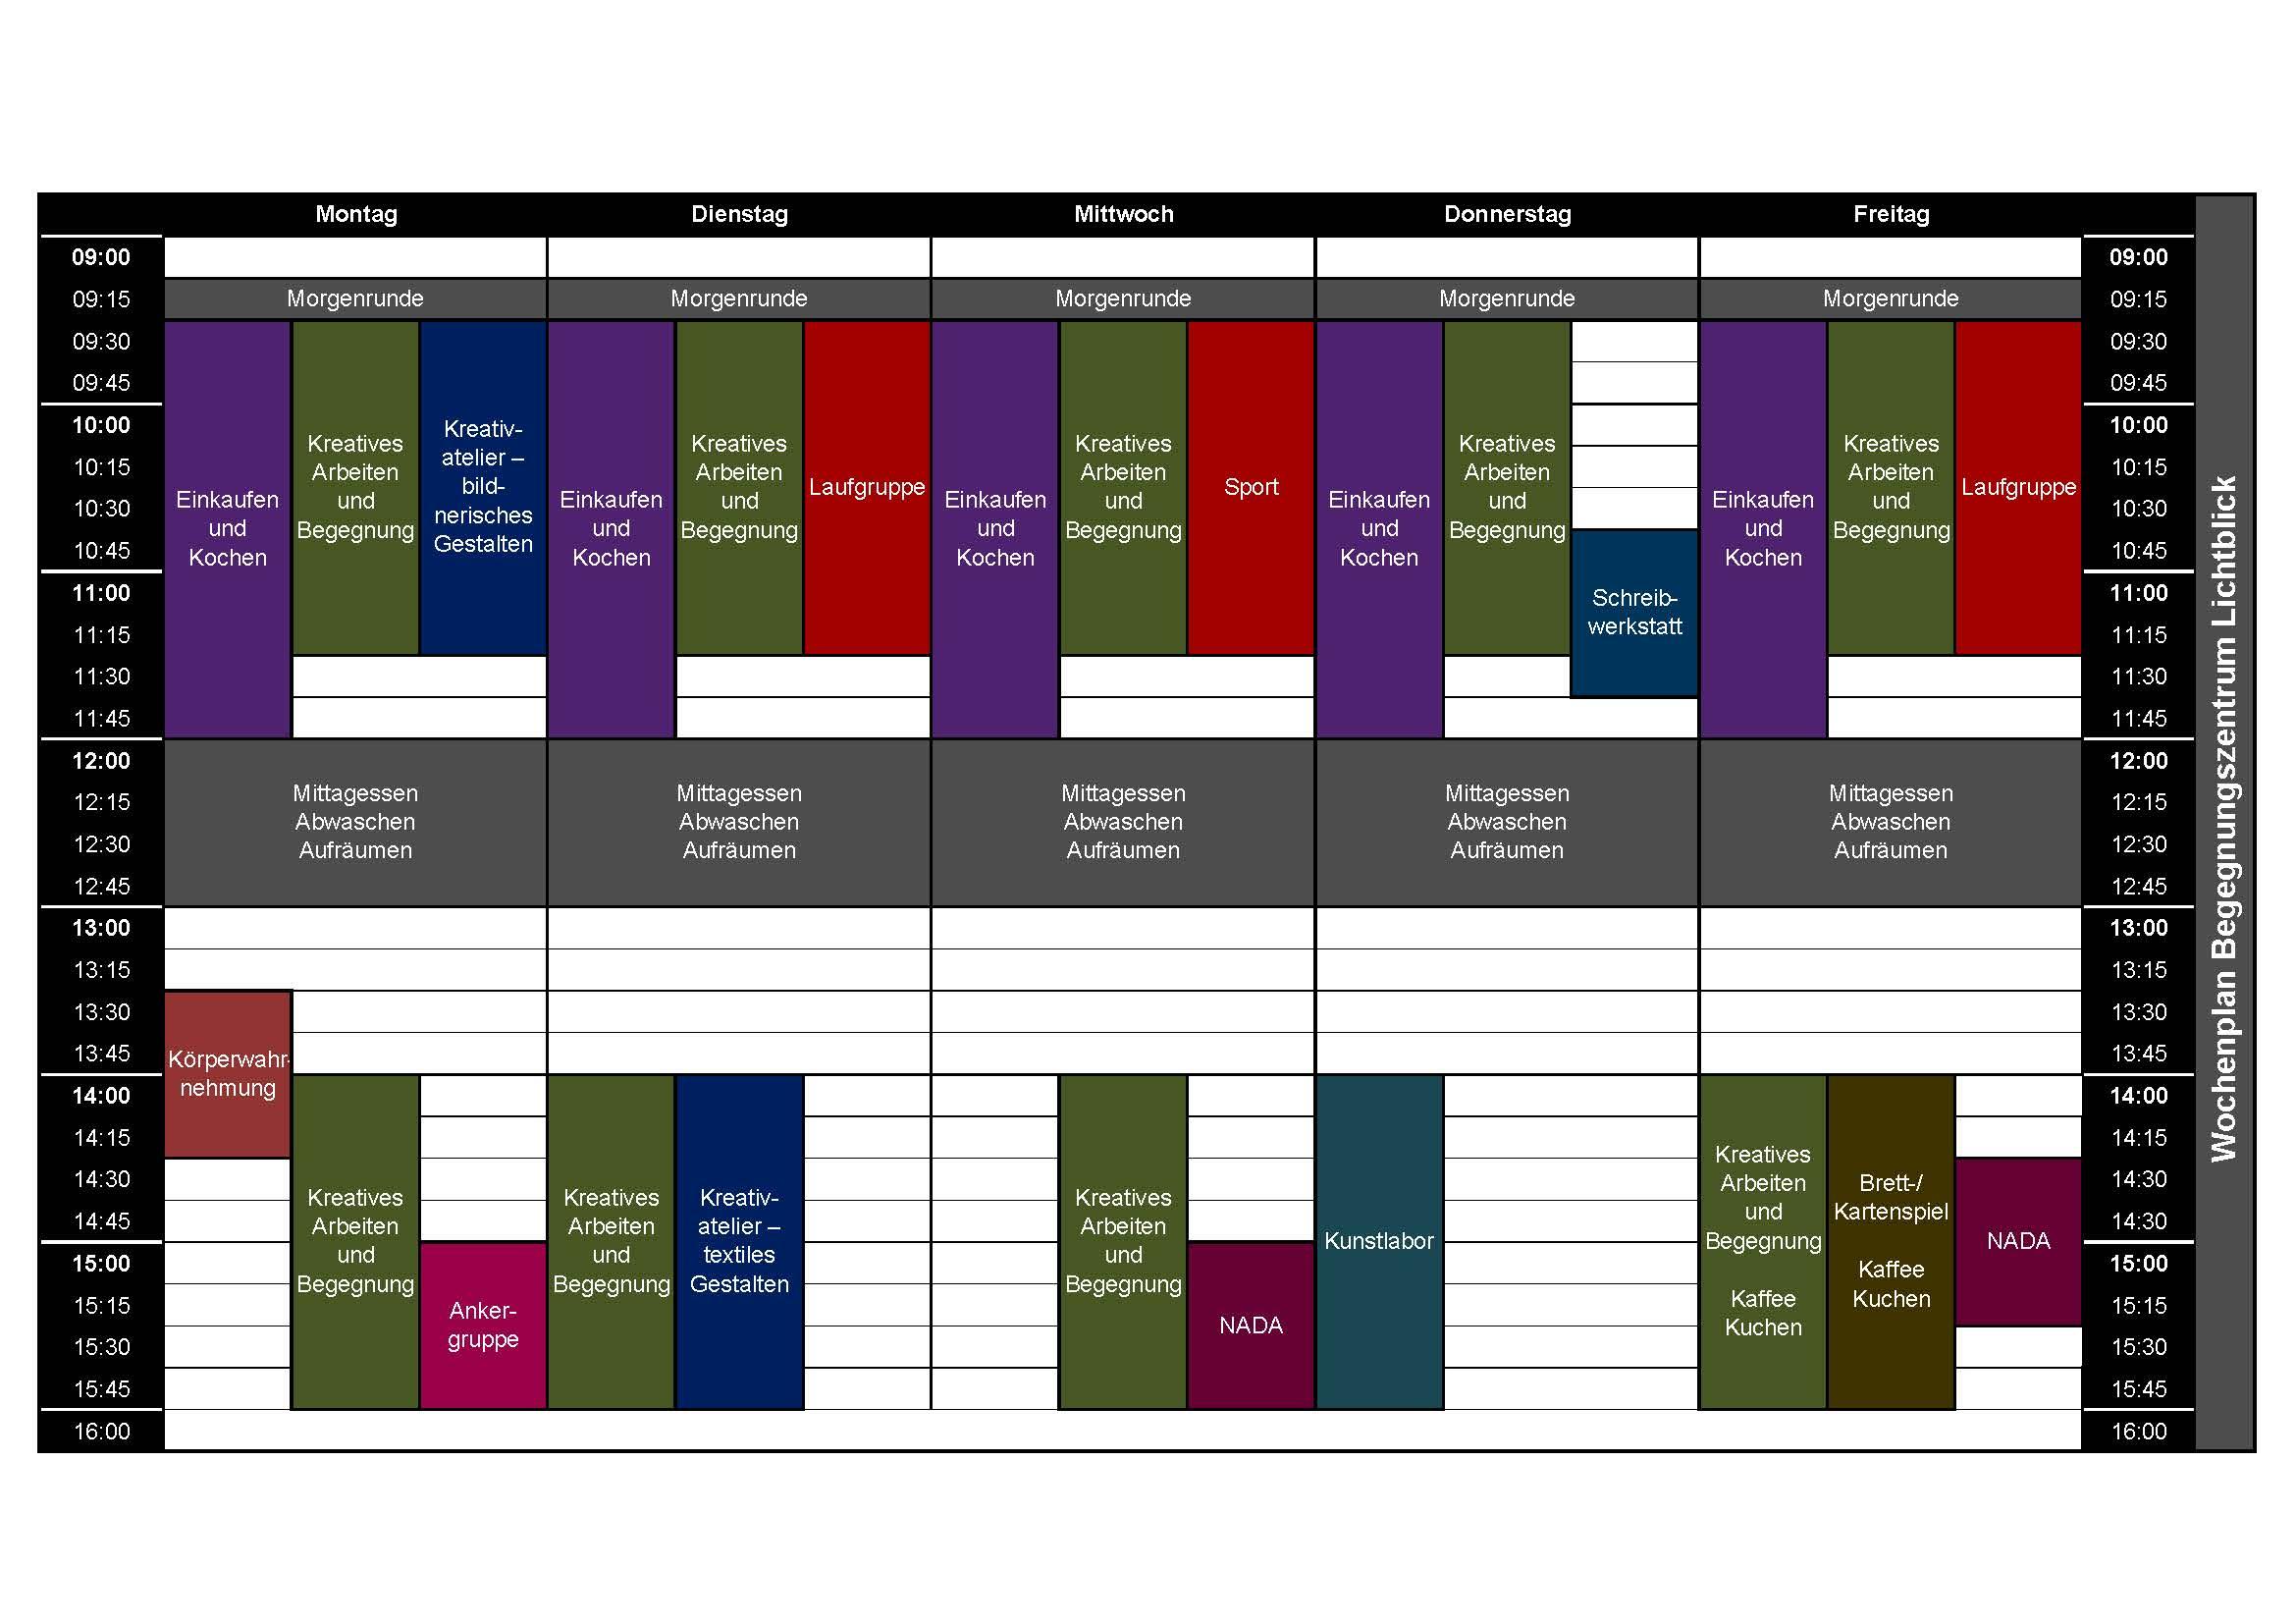 Wochenplan_Lichtblickjpg